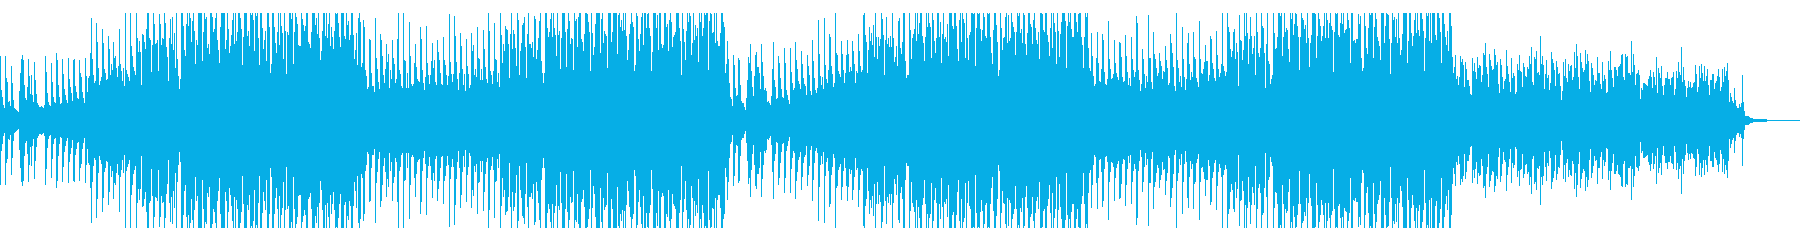 軽快で前進的なピアノとギターの音楽 ഒの再生済みの波形